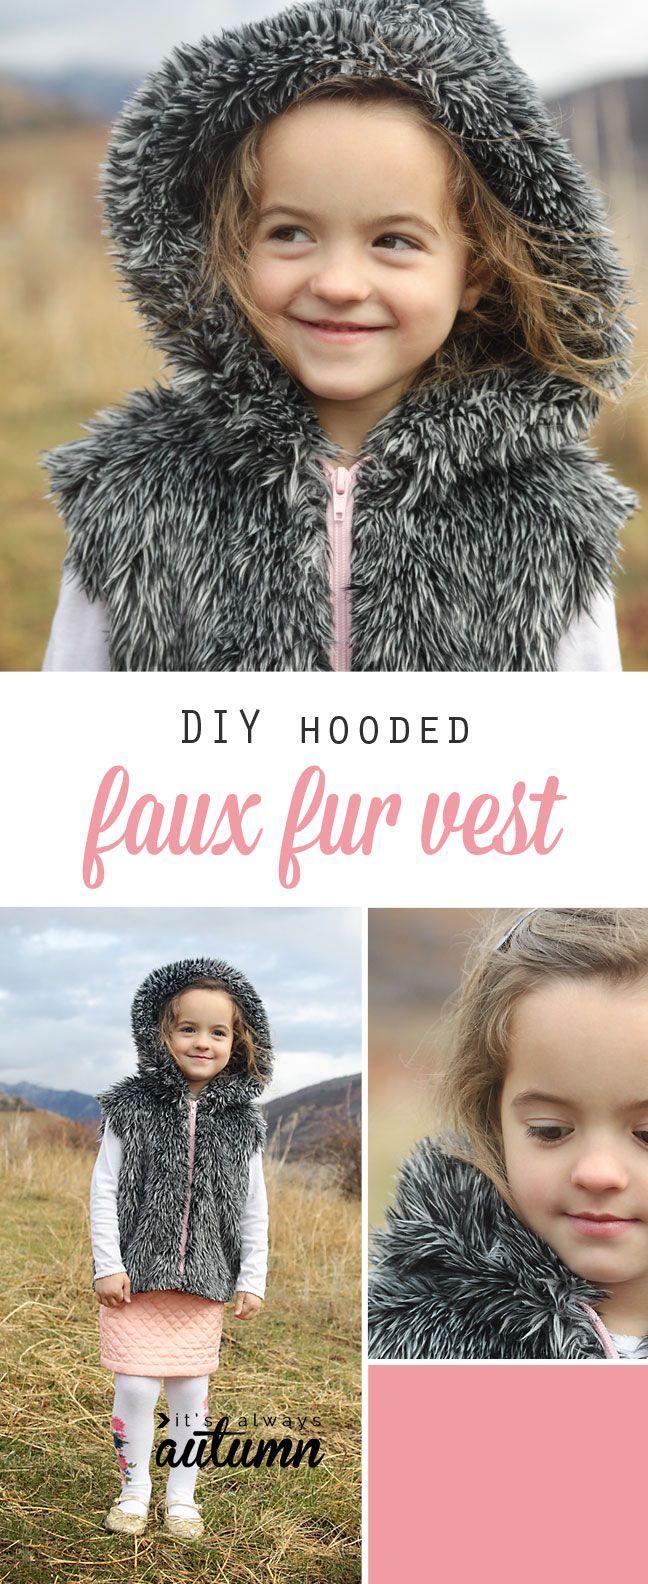 Easy DIY faux fur vest sewing tutorial.